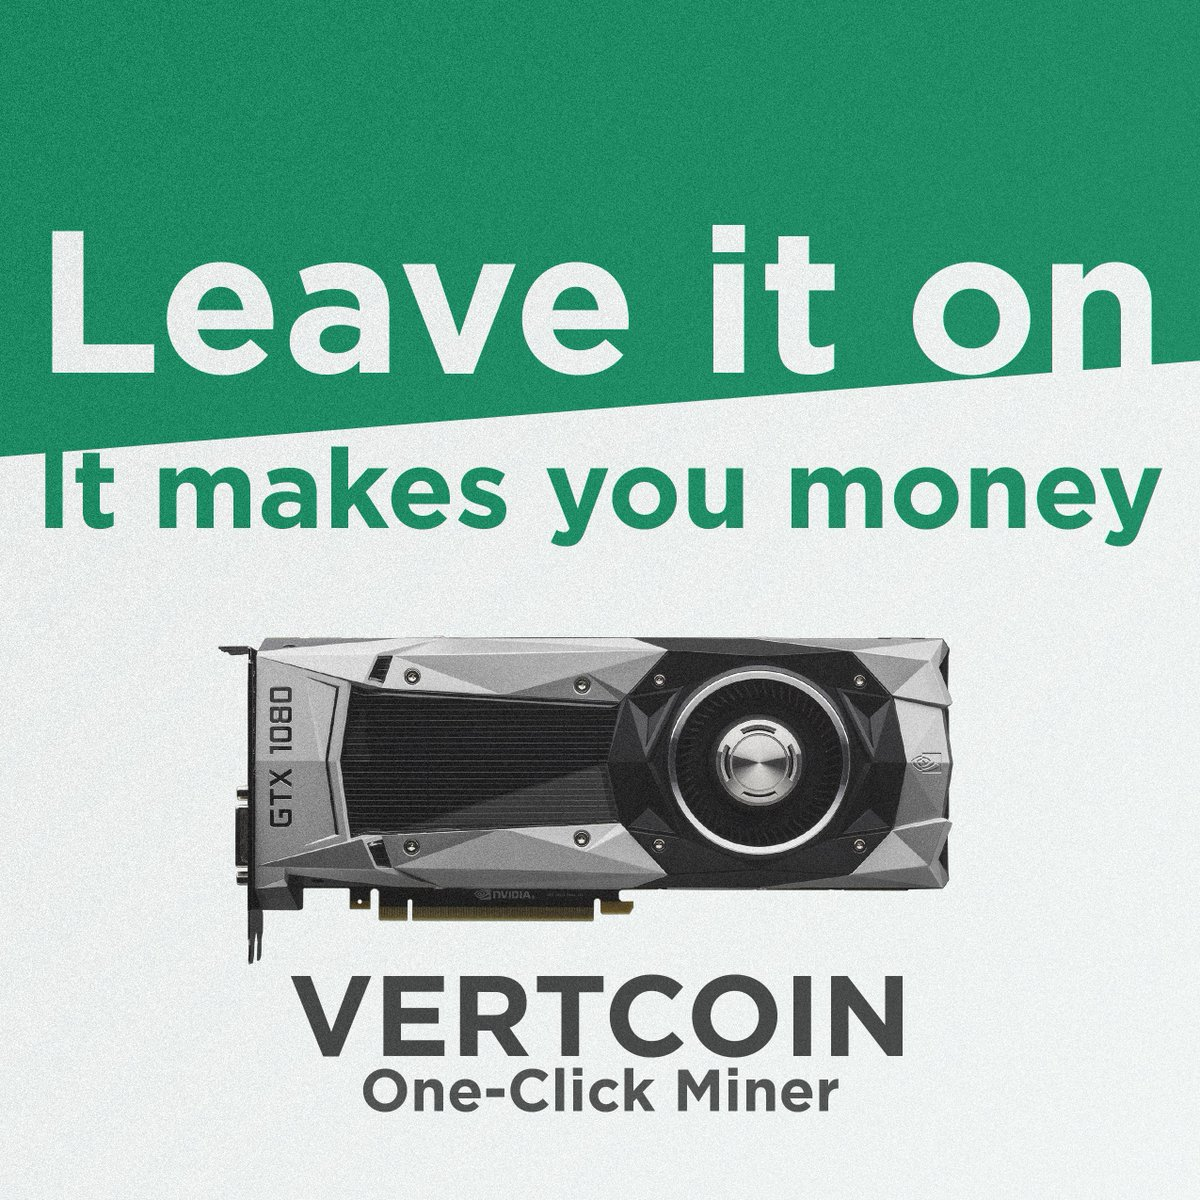 Vertcoin on Twitter: